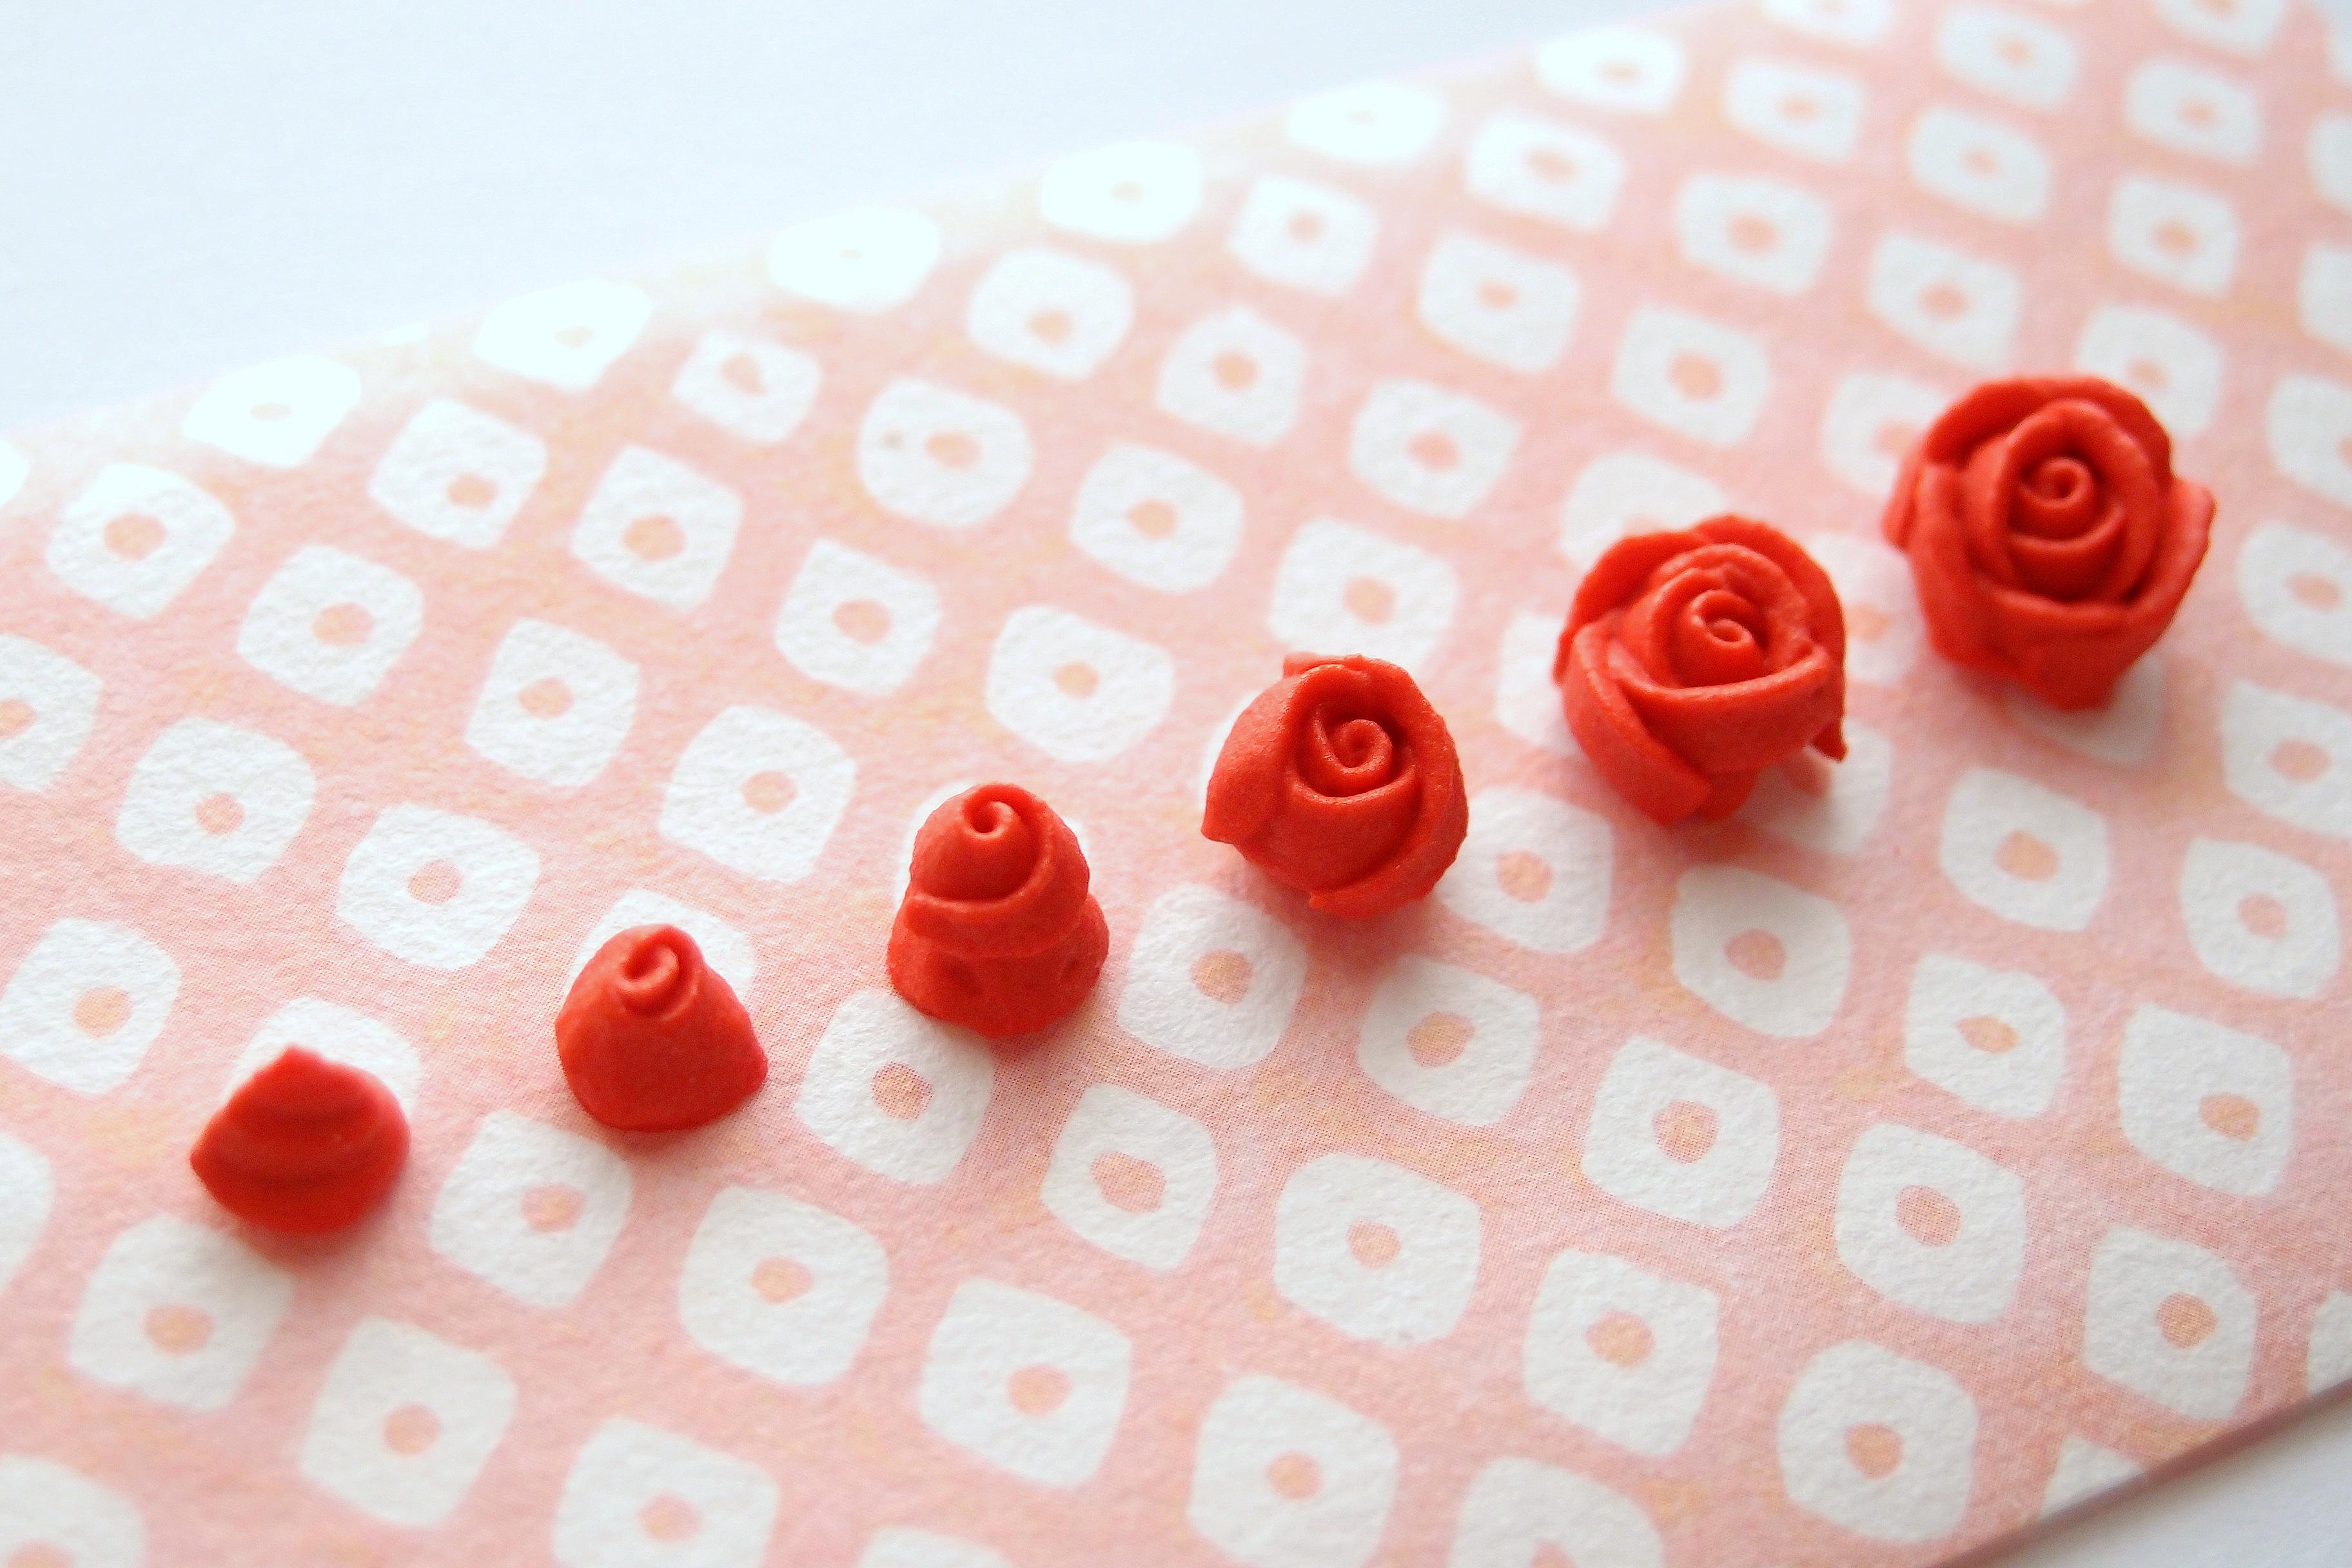 アイシングシュガーで作る、小さなバラの絞り方 その2